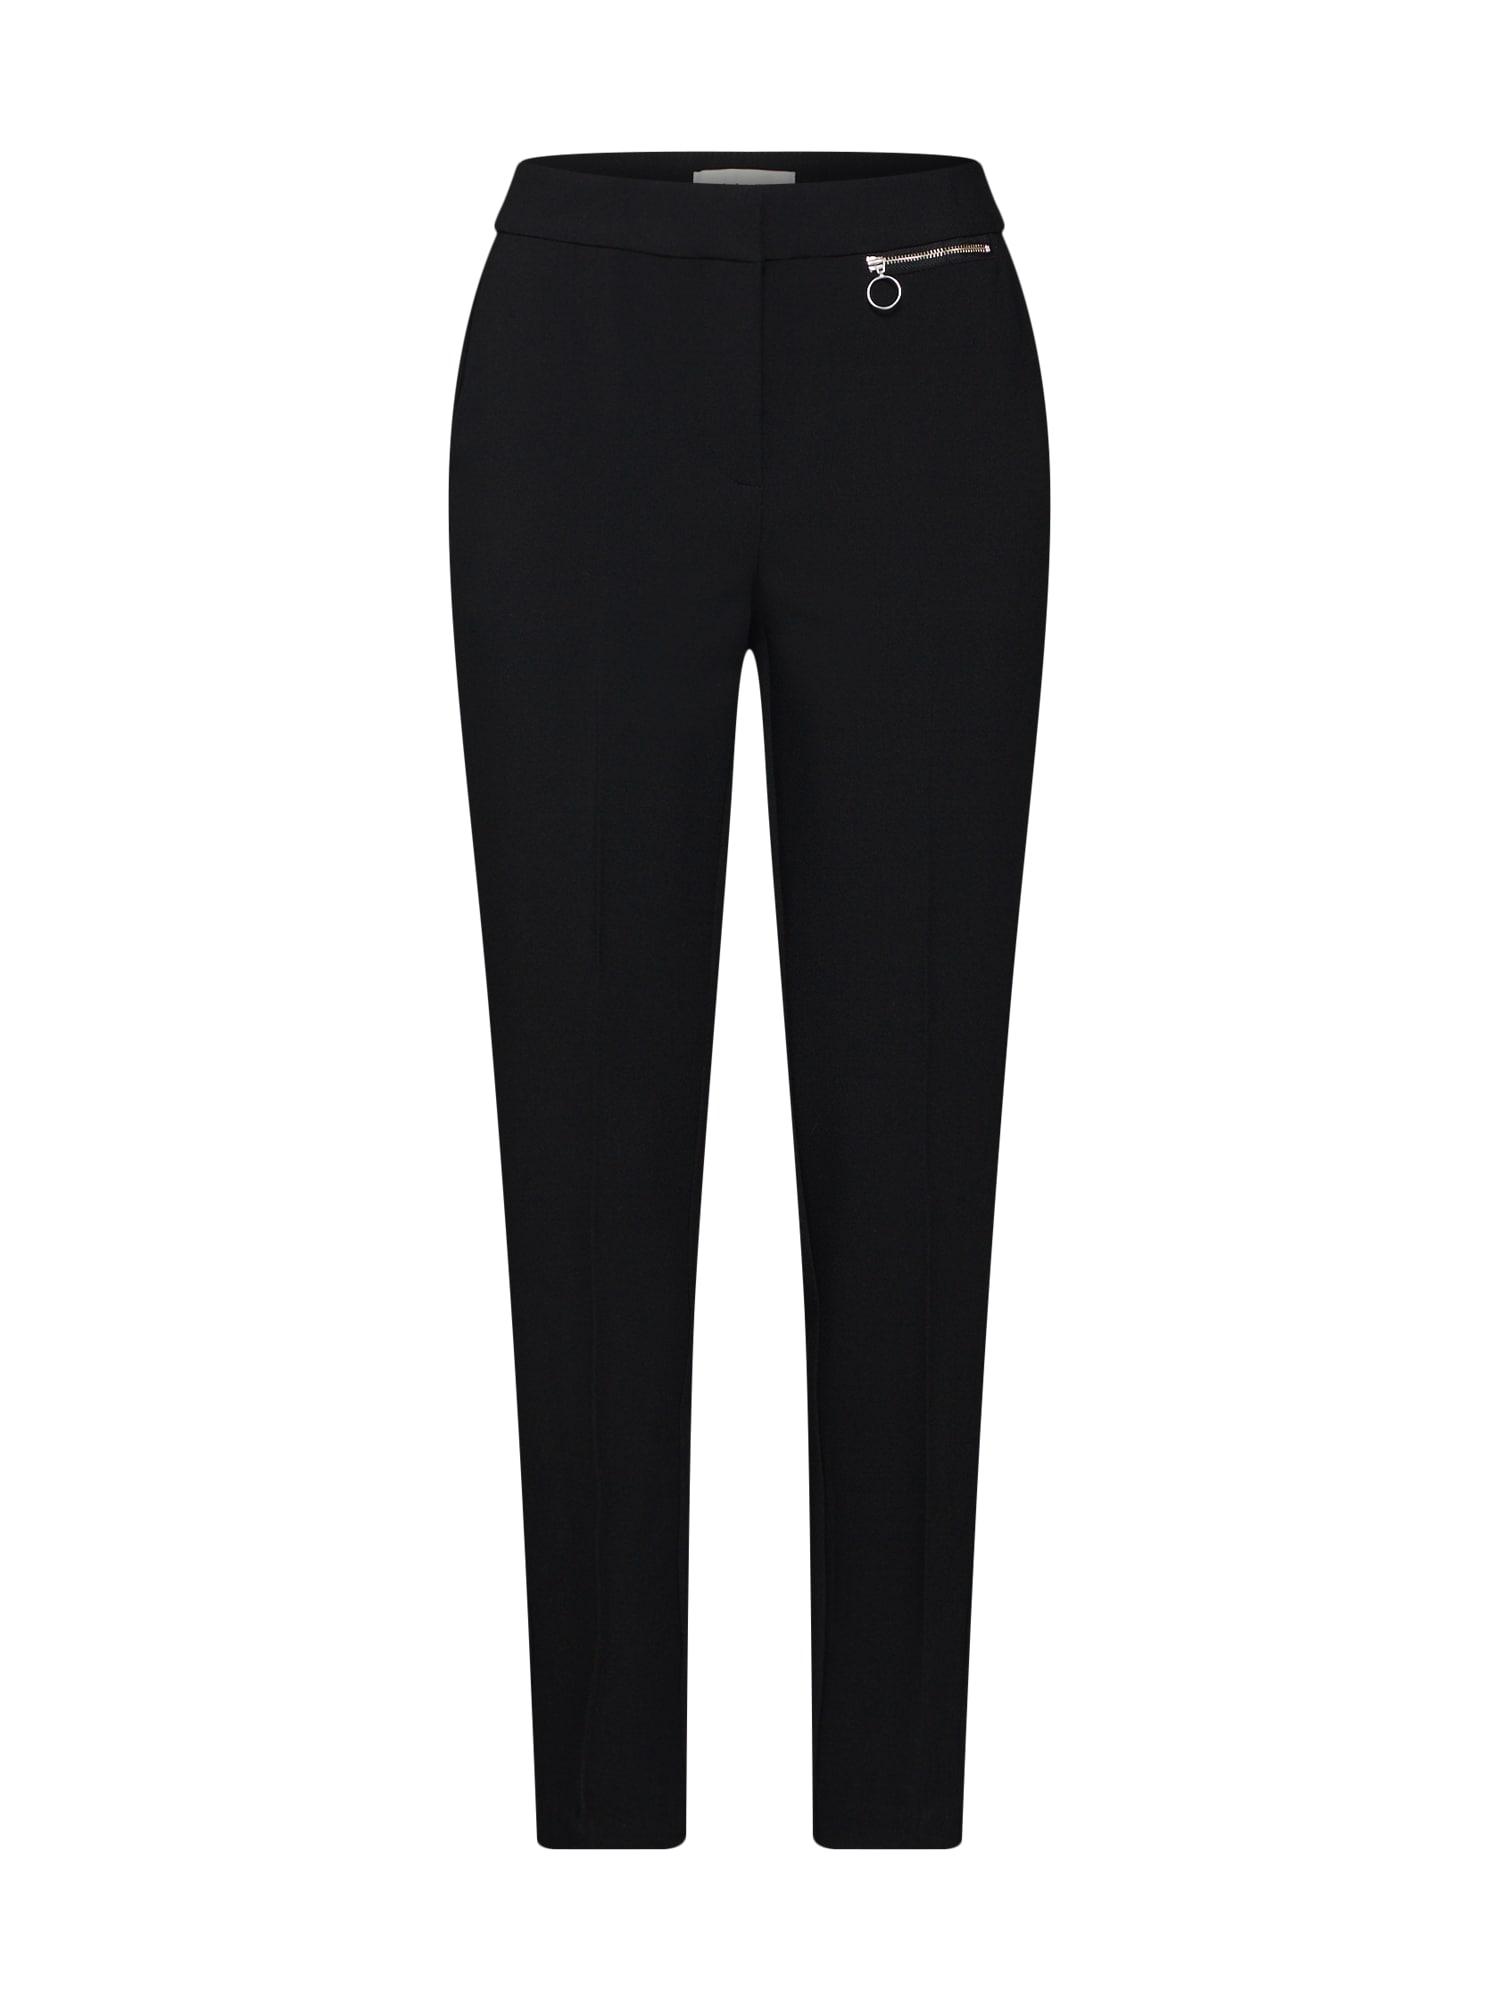 Kalhoty s puky Kate černá Modström